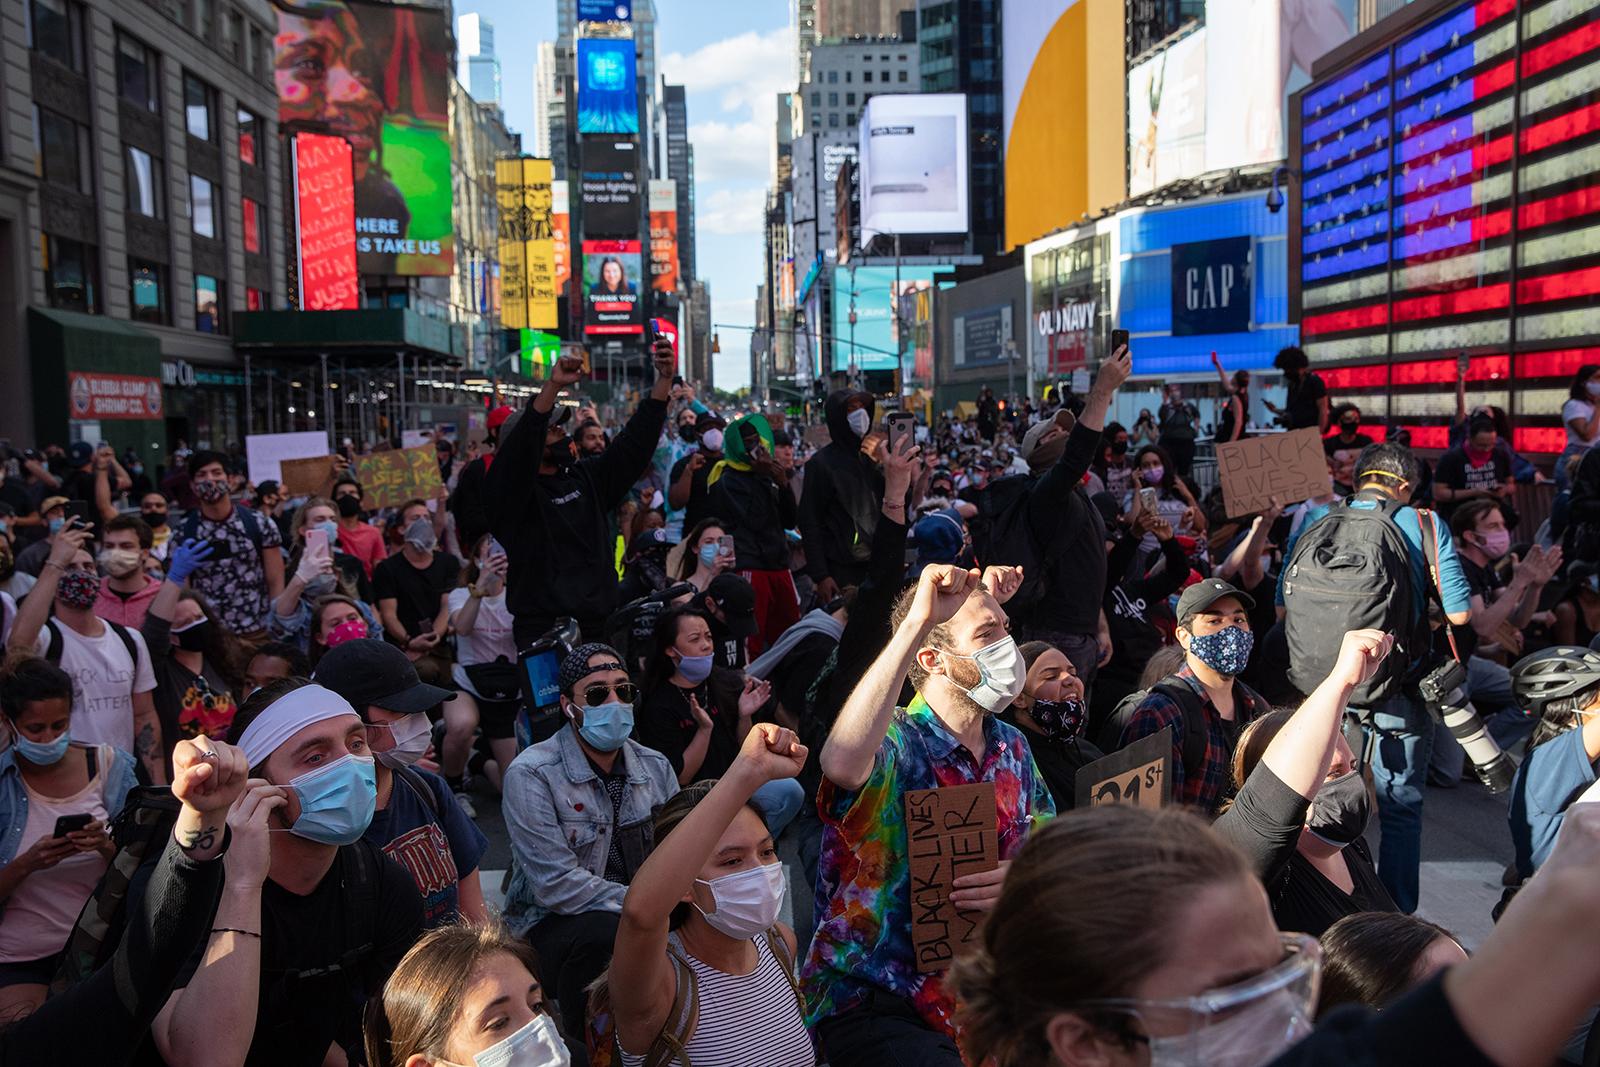 Người biểu tình phản đối phân biệt chủng tộc ở Quảng trường Thời đại, New York ngày 31-5-2020. Ảnh: Getty Images